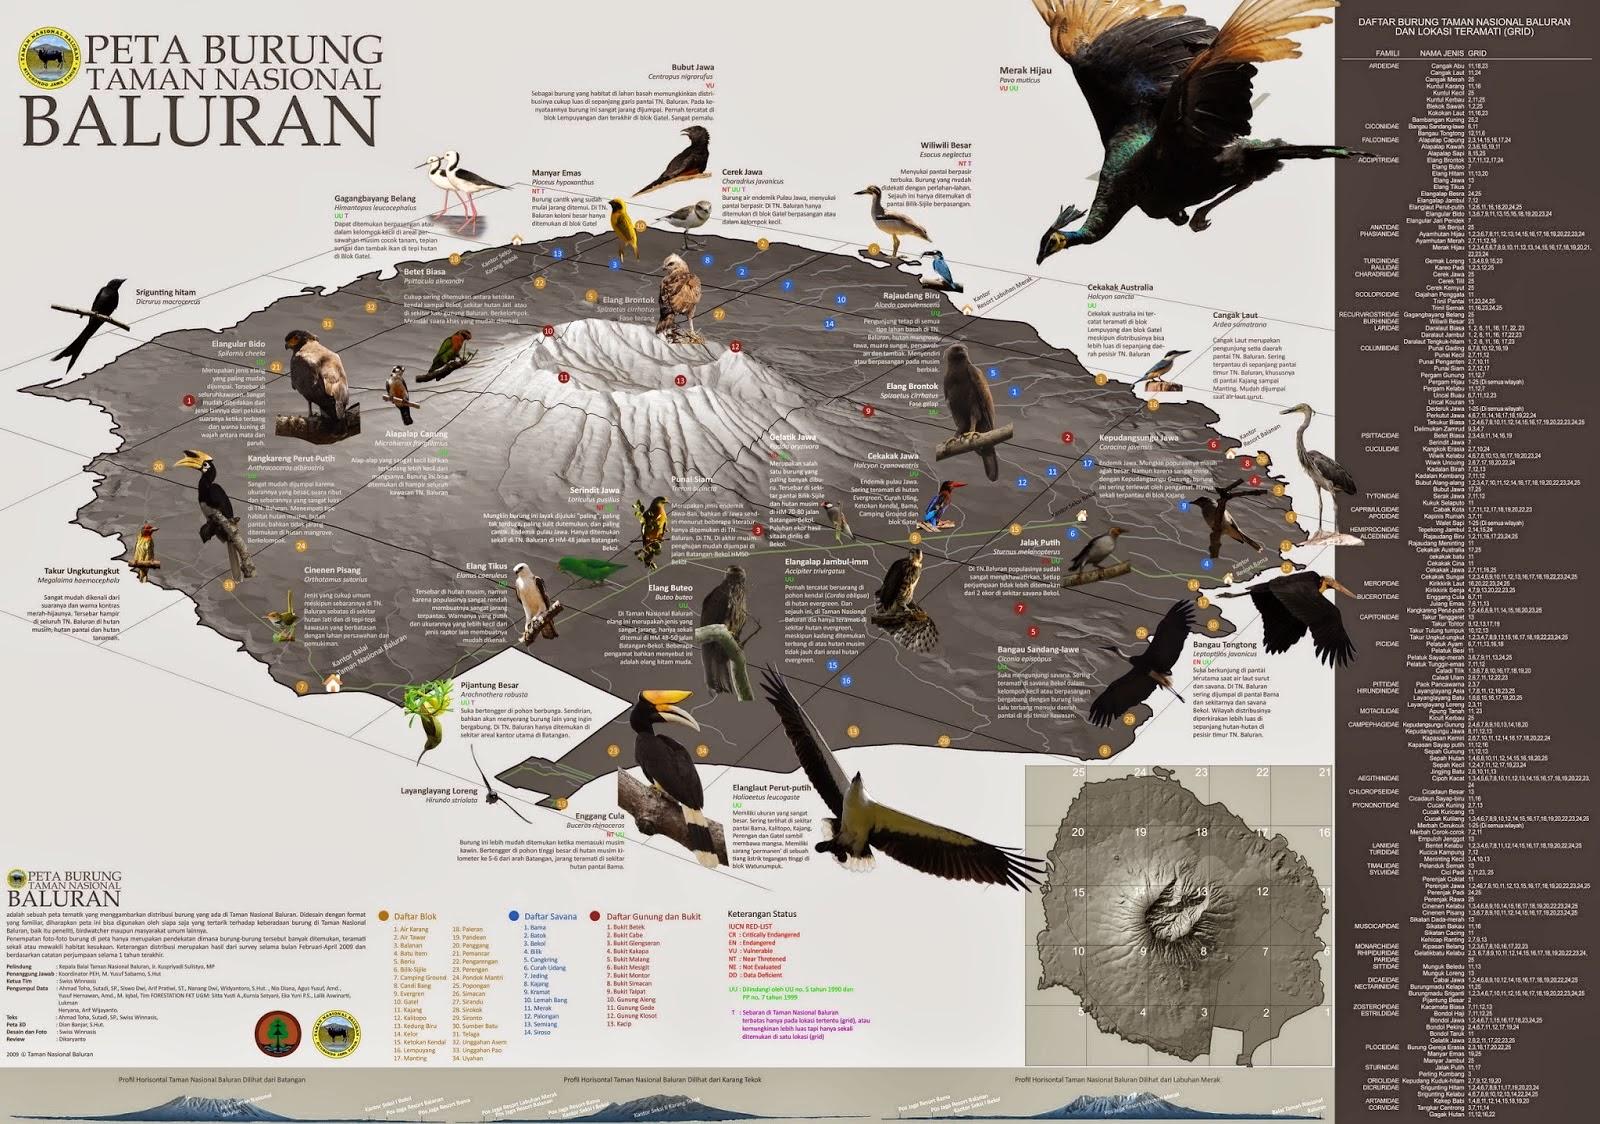 Taman Nasional Baluran Africa Van Java Menyatu Alam Bersama Peta